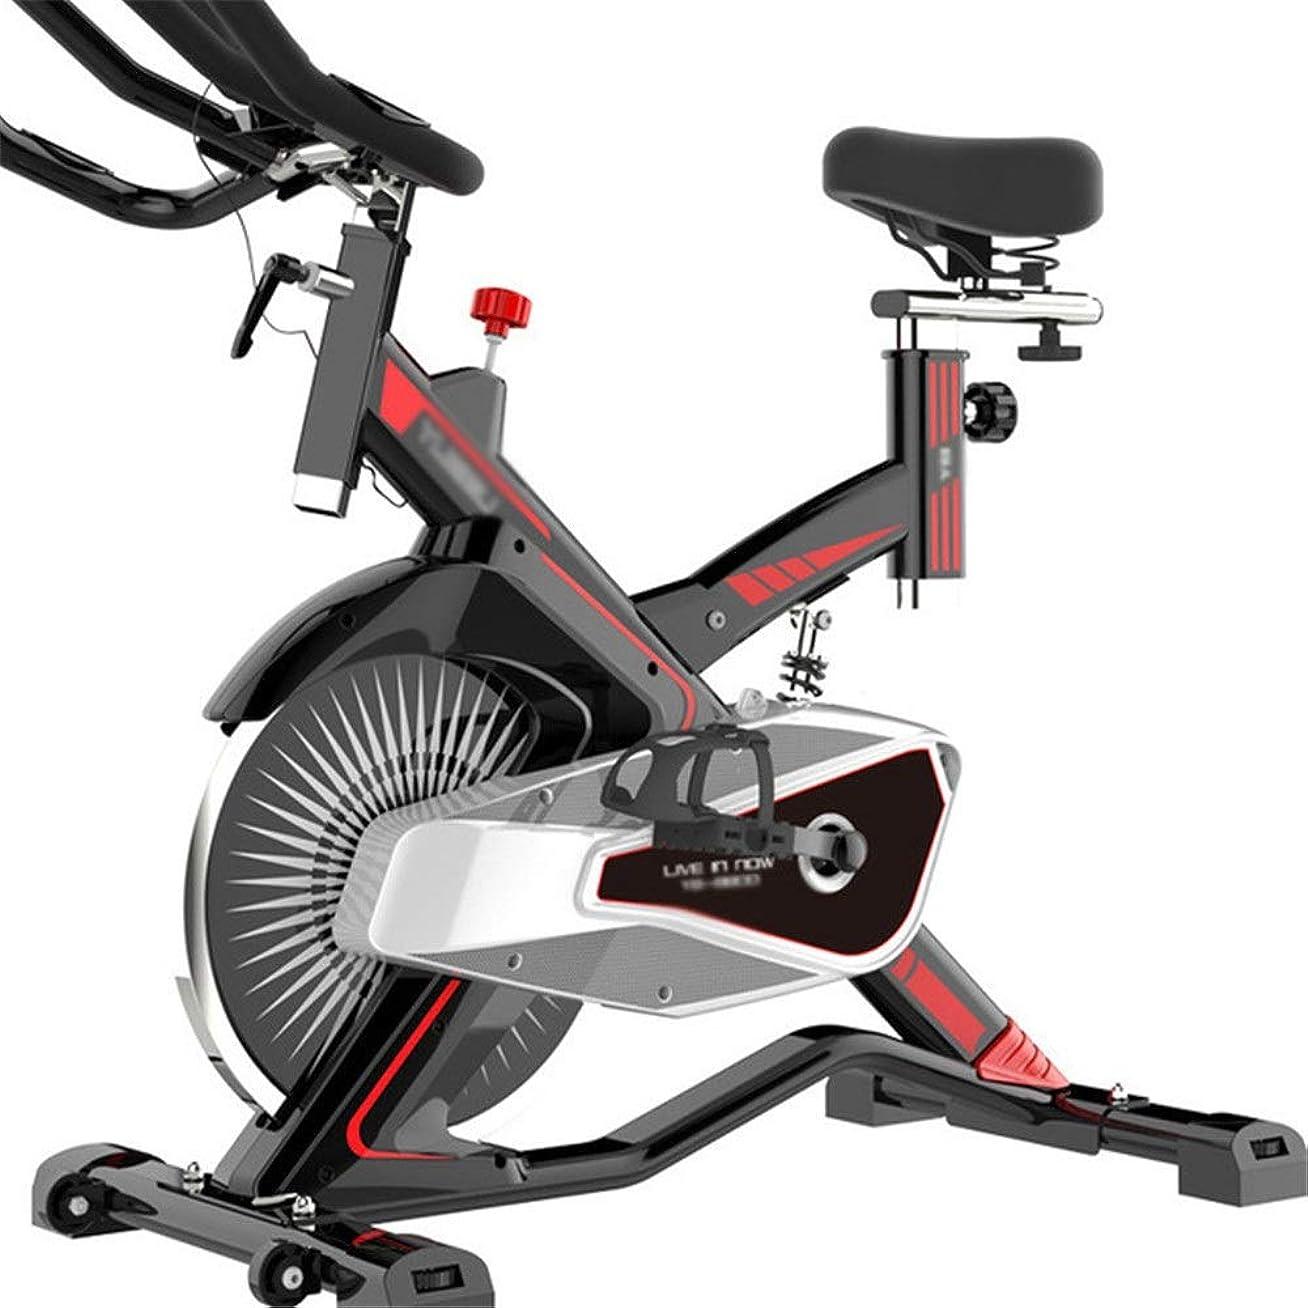 走る素晴らしいですドル室内自転車 フィットネスバイク フィットネスエクササイズマシンとトレーニングコンピュータと楕円クロストレーナーと磁気エクササイズスピニングバイク エアロフィットネス バイク (色 : 赤, サイズ : Free Size)